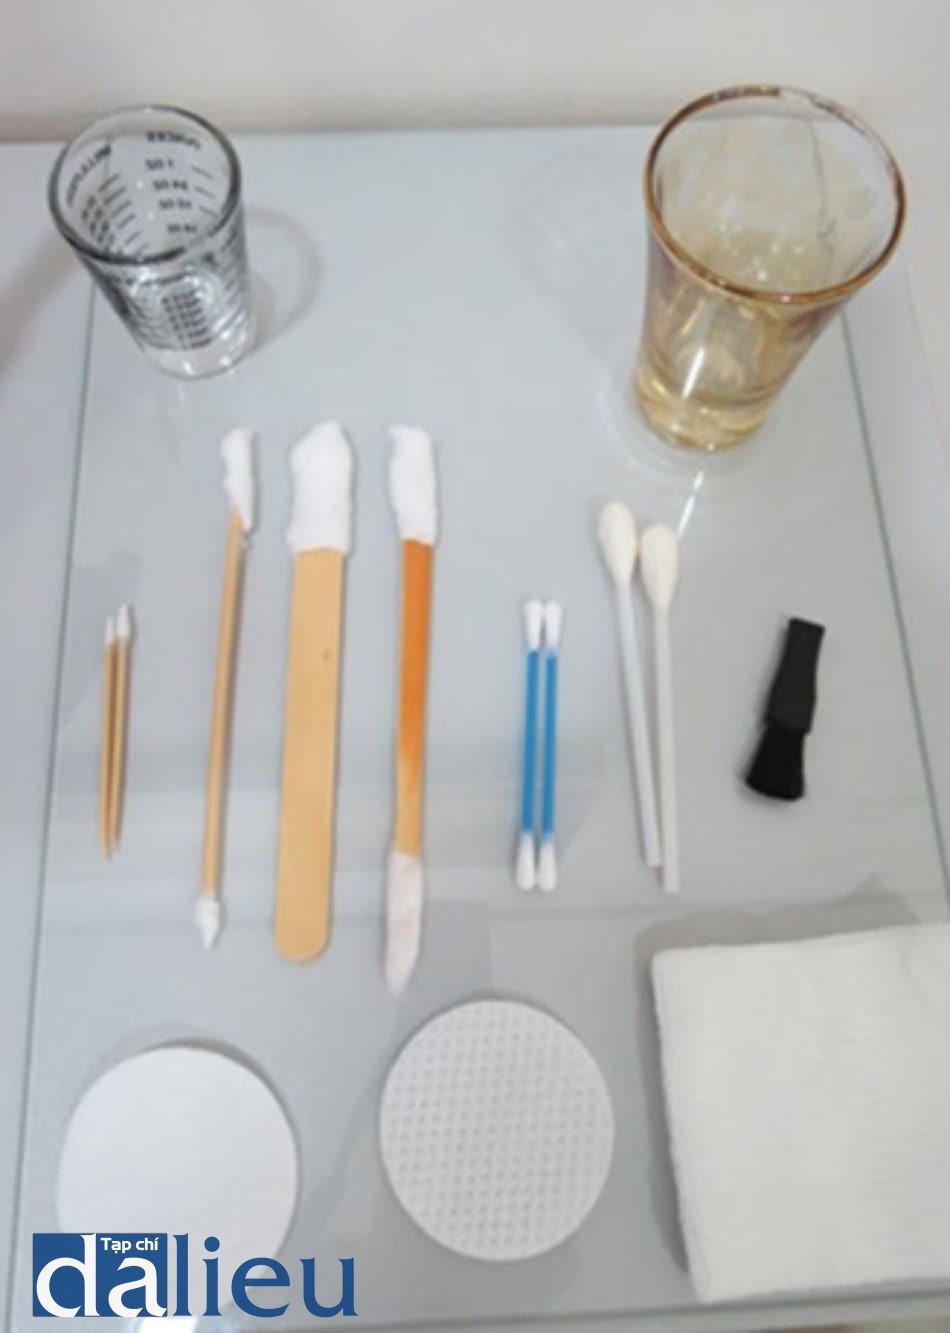 Hình 2: những dụng cụ bôi được sử dụng trong peel hóa chất